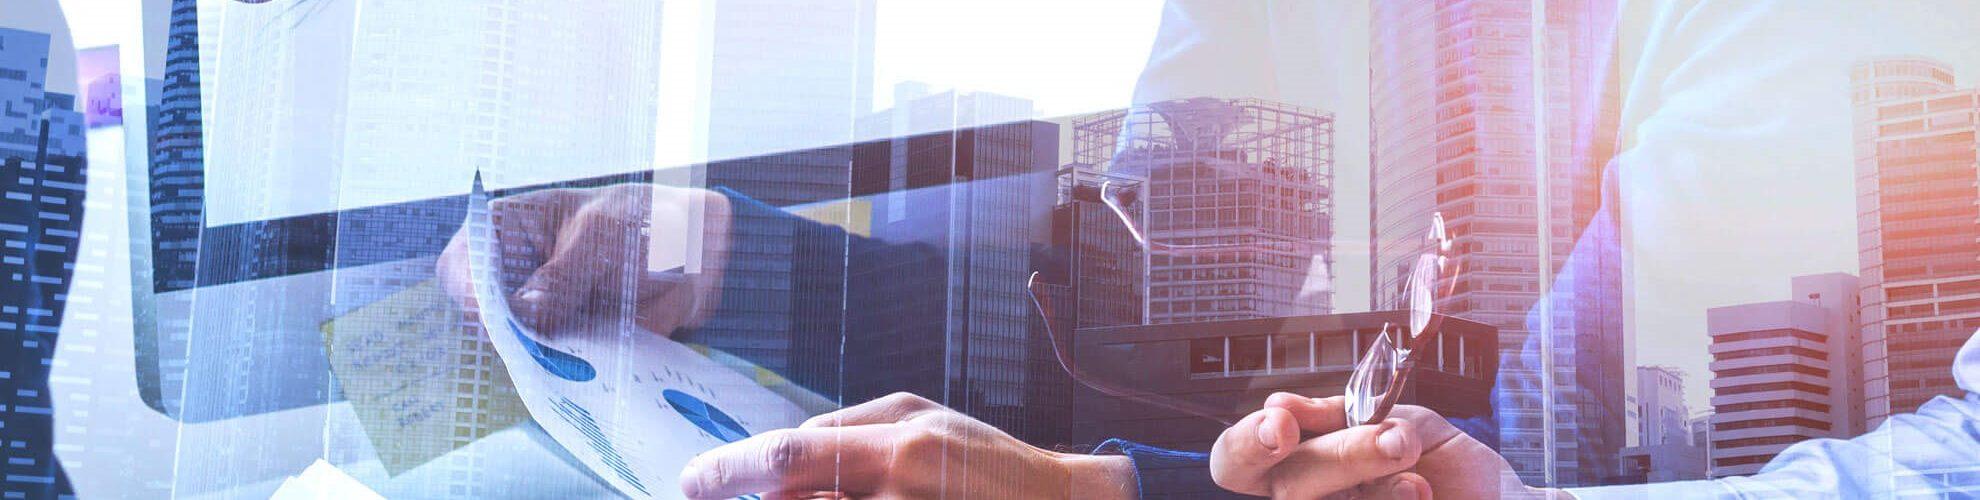 Il software in cloud per commercialisti che monitora in tempo reale la situazione dell'azienda e previene la crisi.